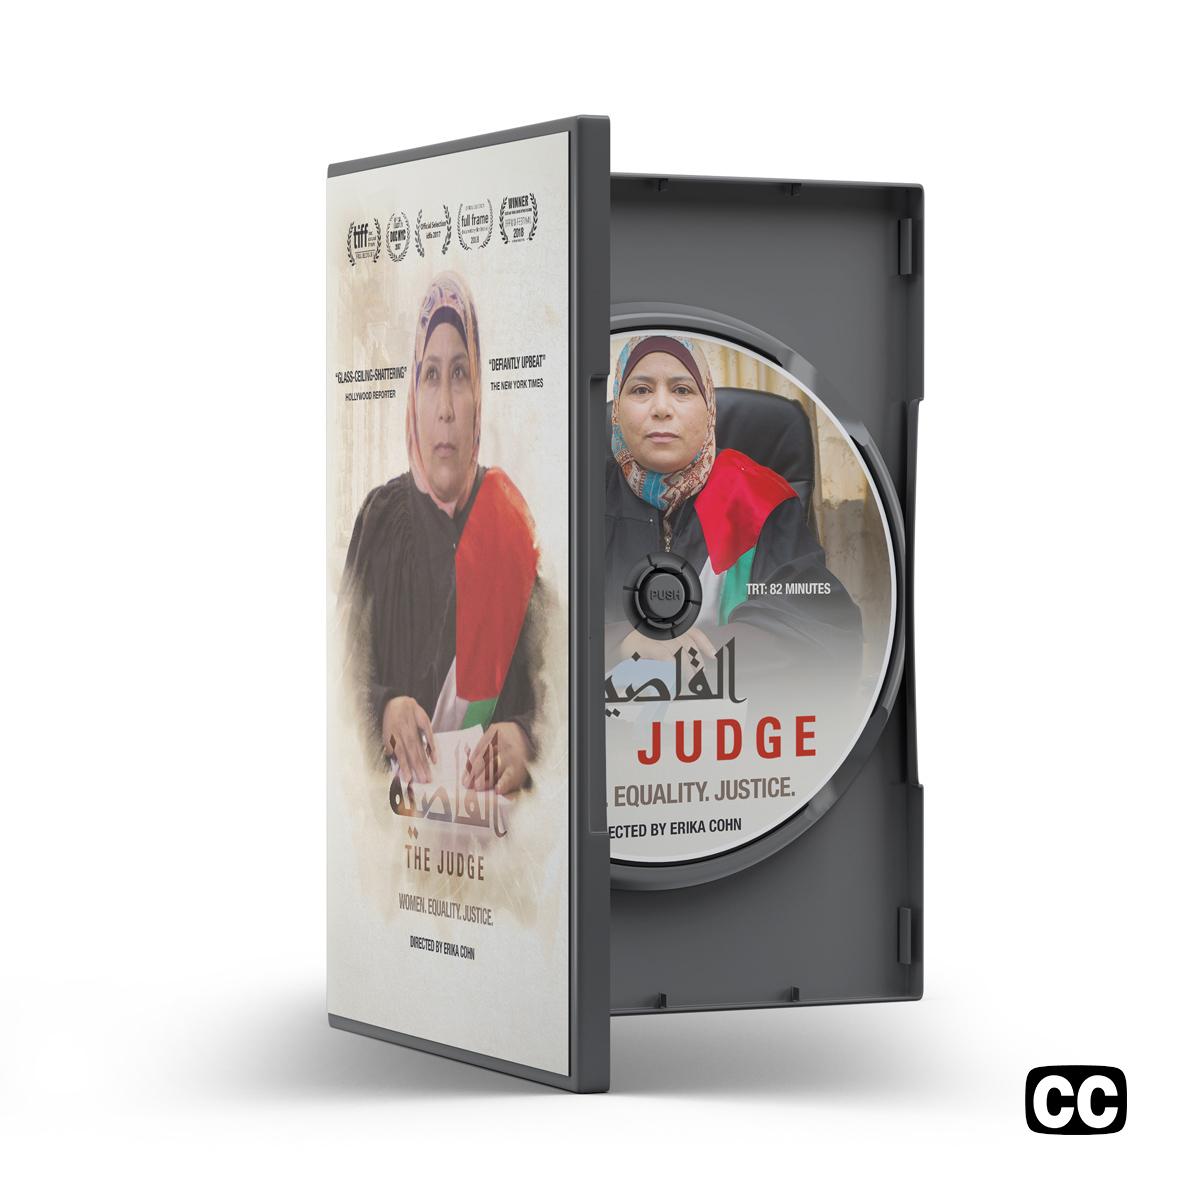 09-CD-DVD-Case-Mock-Up.jpg